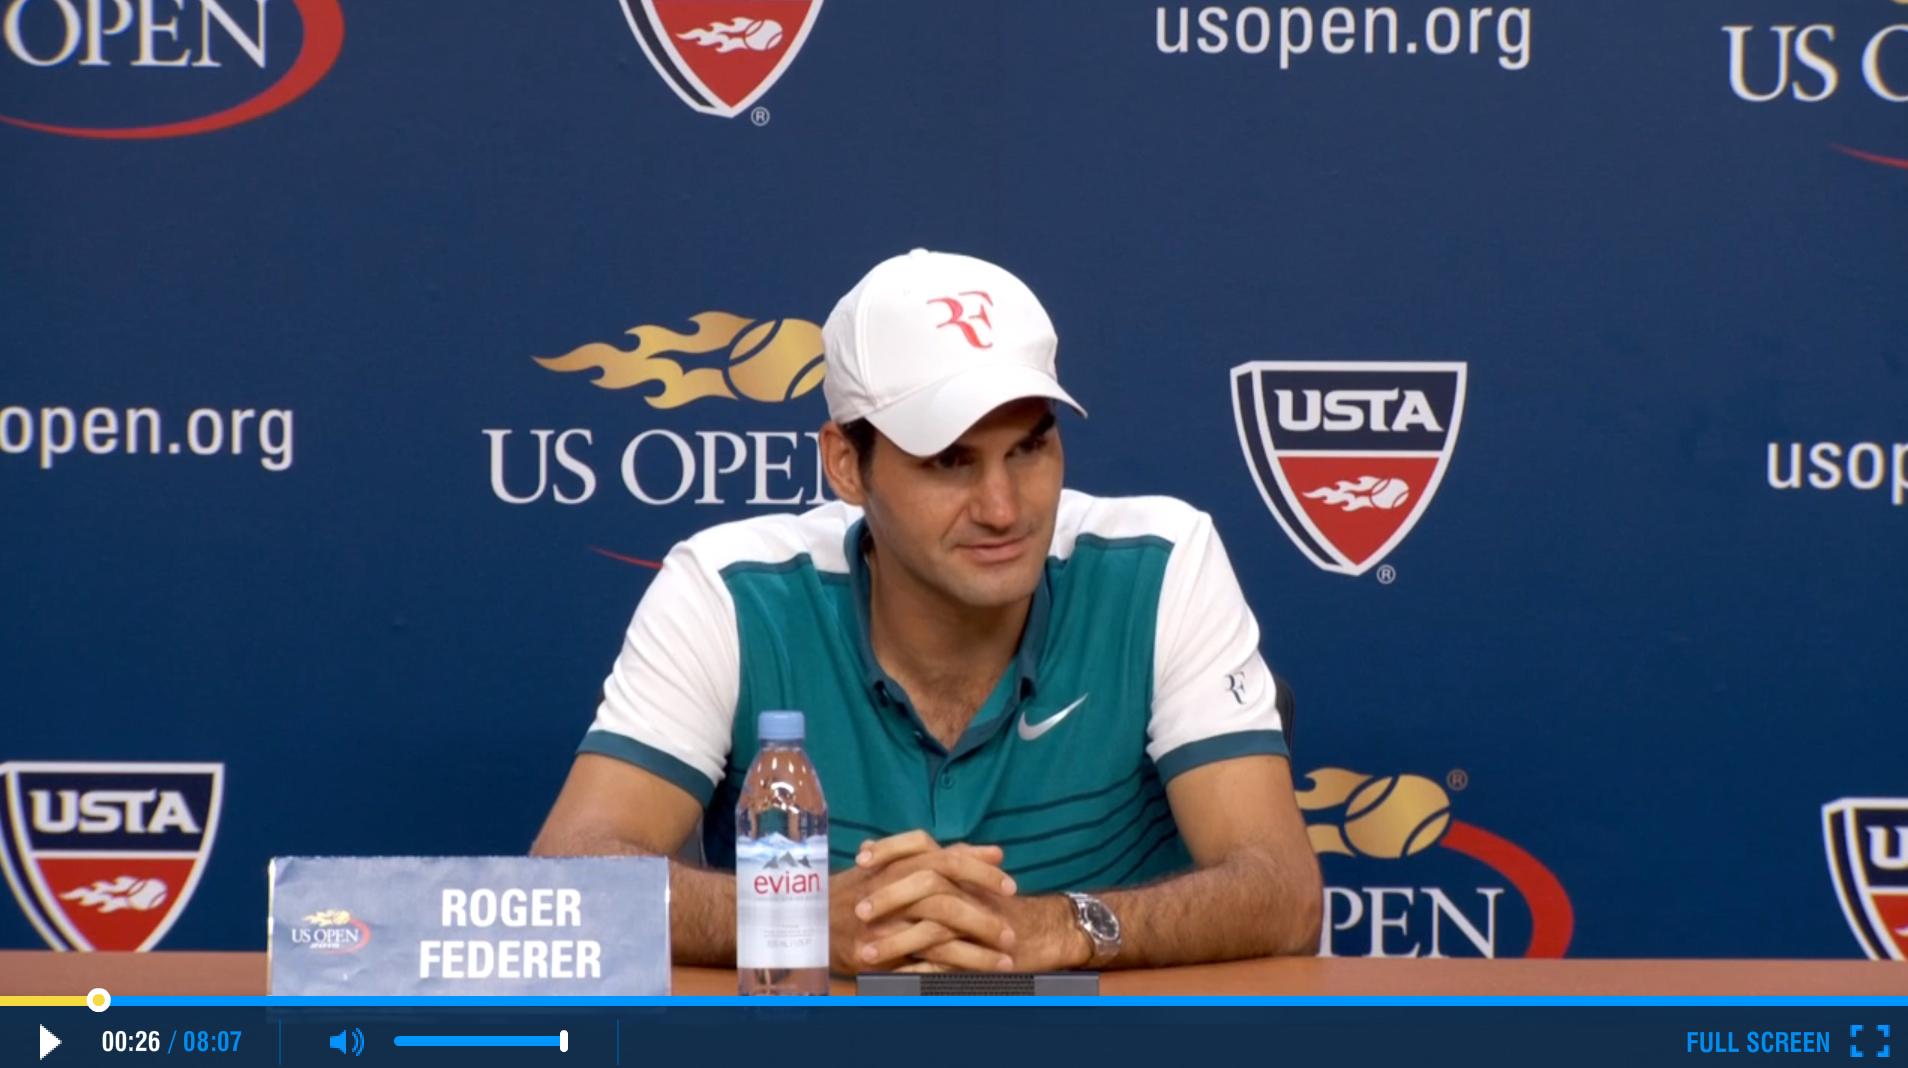 Federer 2015 US Open Final Press Conference